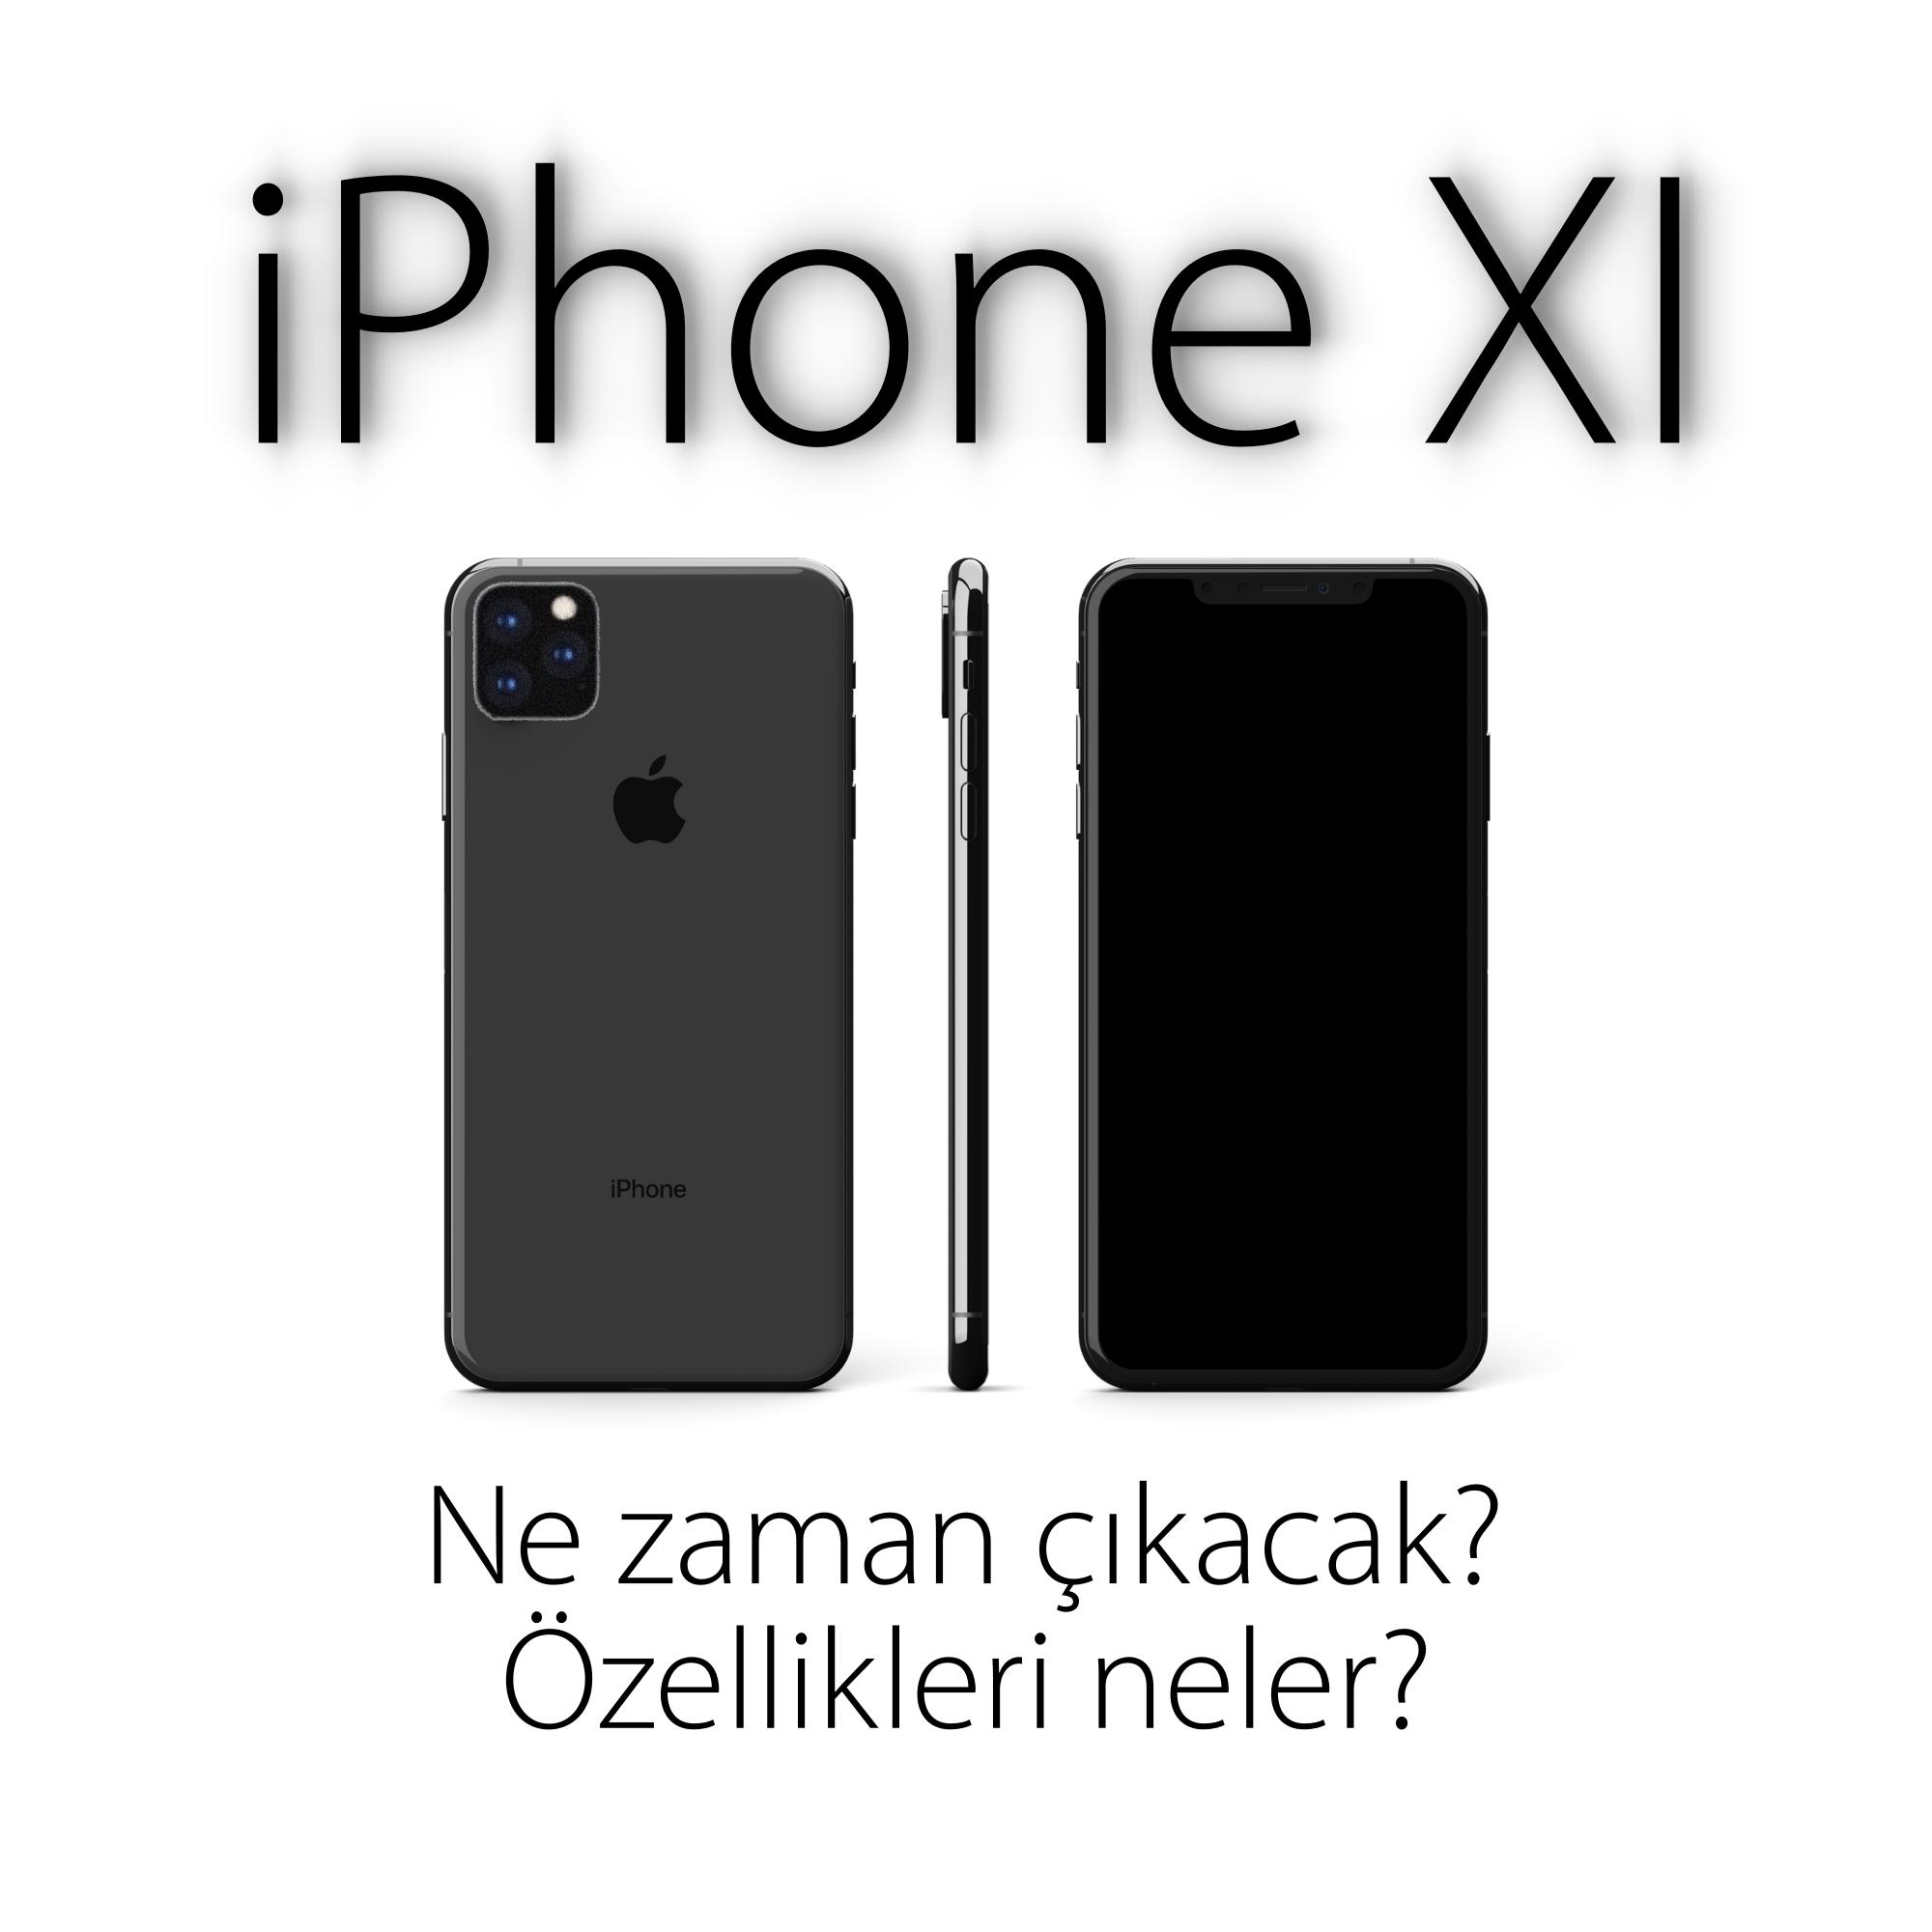 iPhone 11 nasıl olacak ne zaman çıkacak fiyatı ve özellikleri